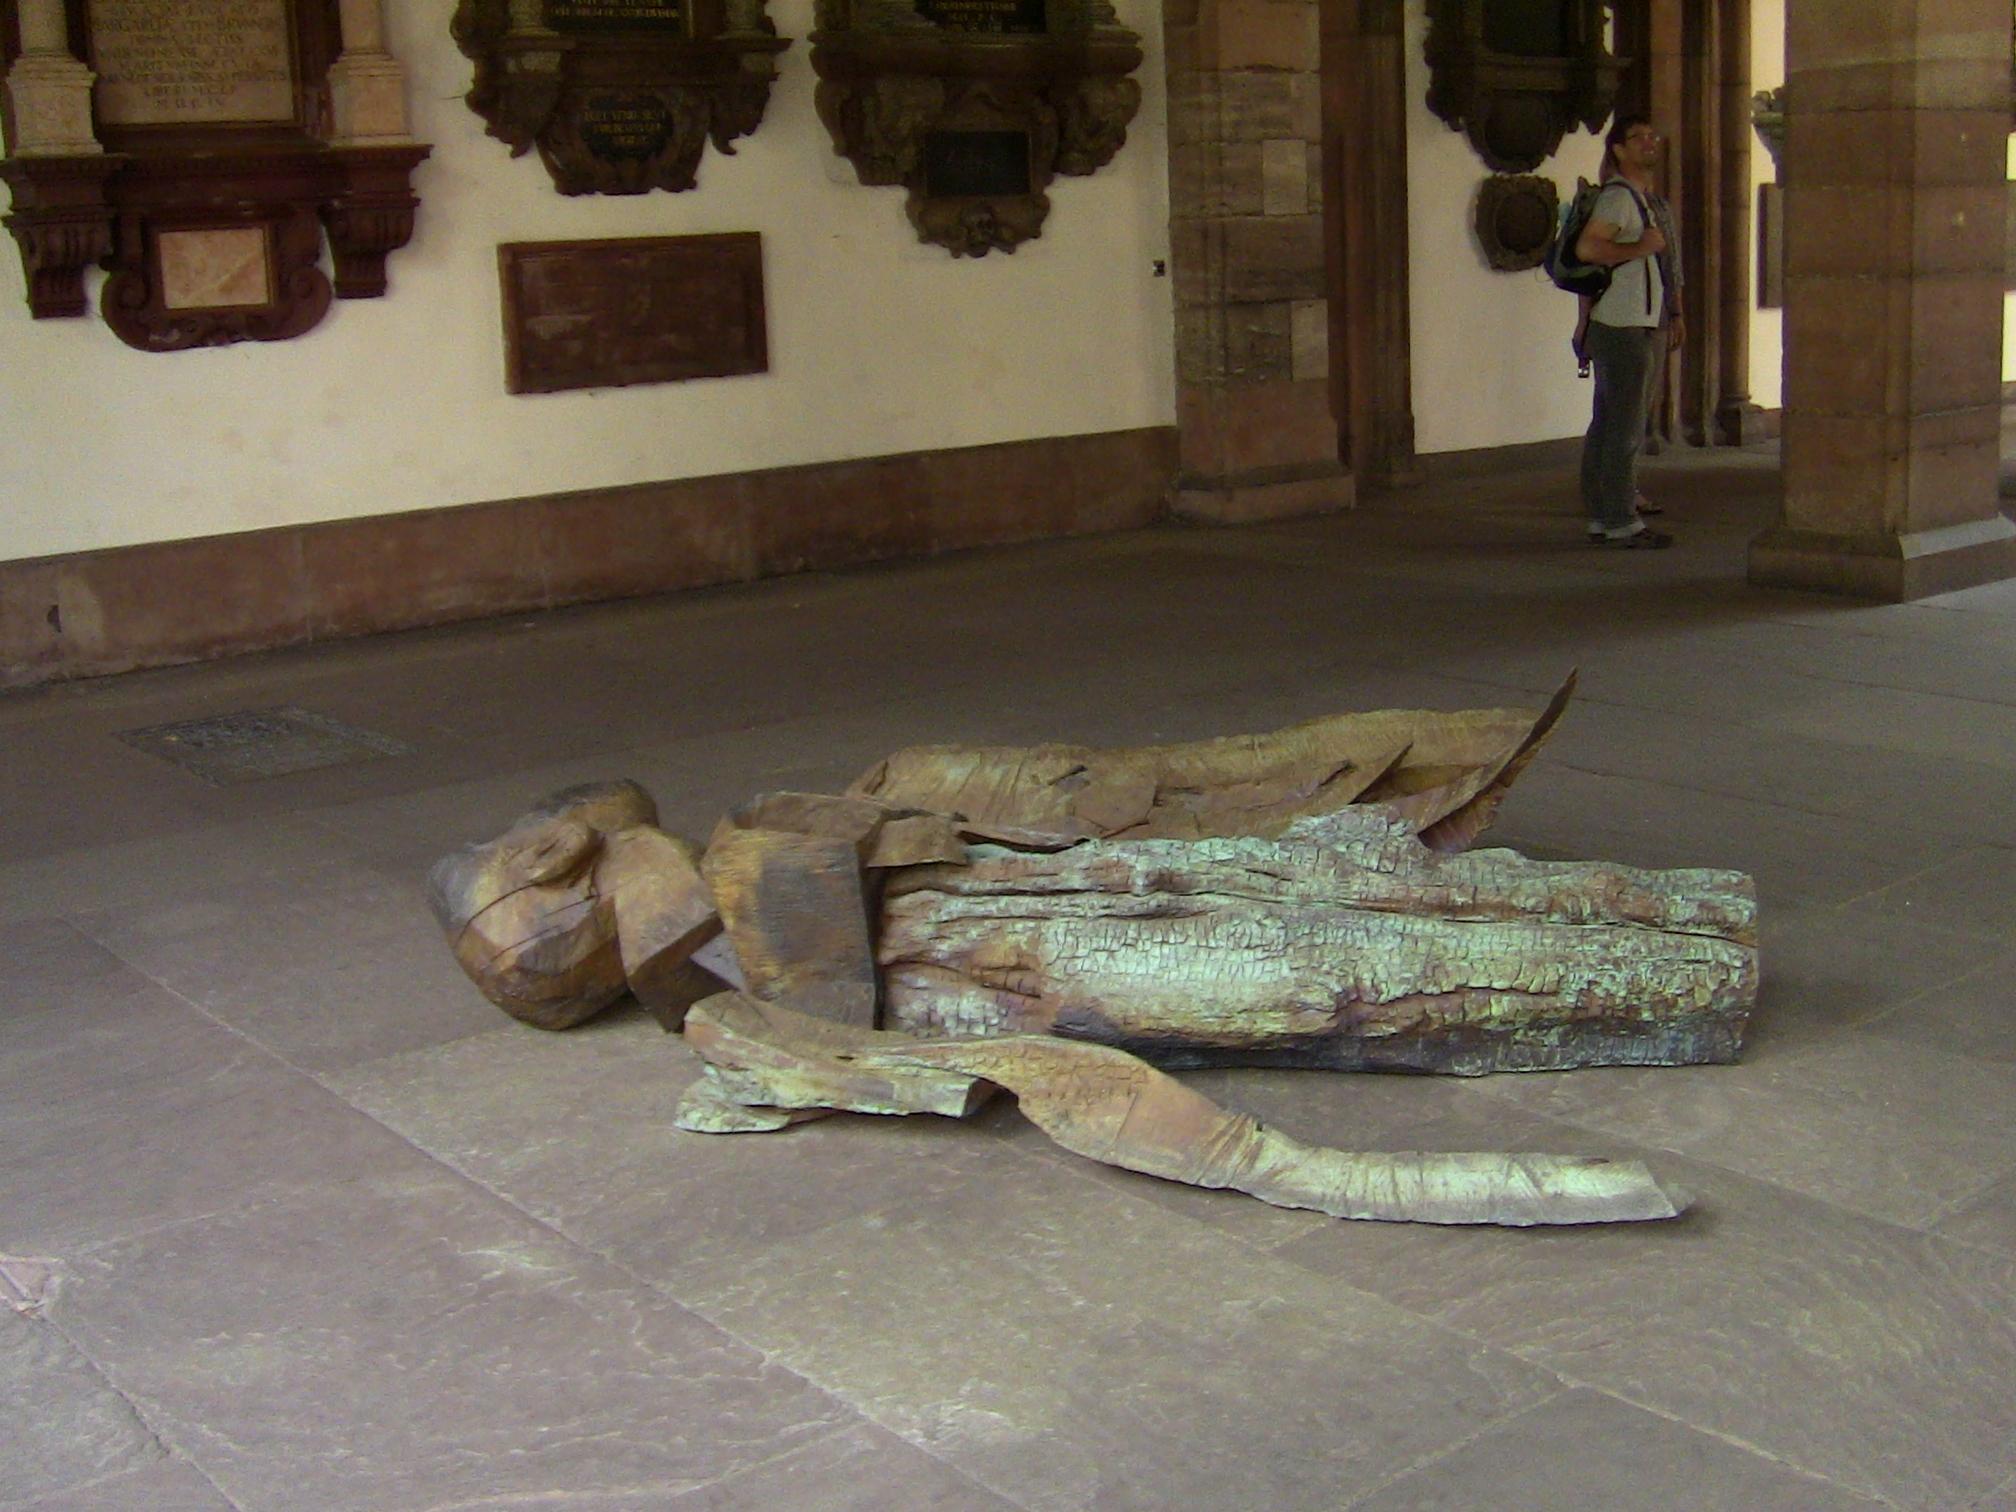 Una scultura di Dietrich Klinge all'interno del Chiostro della Cattedrale di Basilea. La mostra, visibile fino al 25 settembre 2014, si intitola Tangere